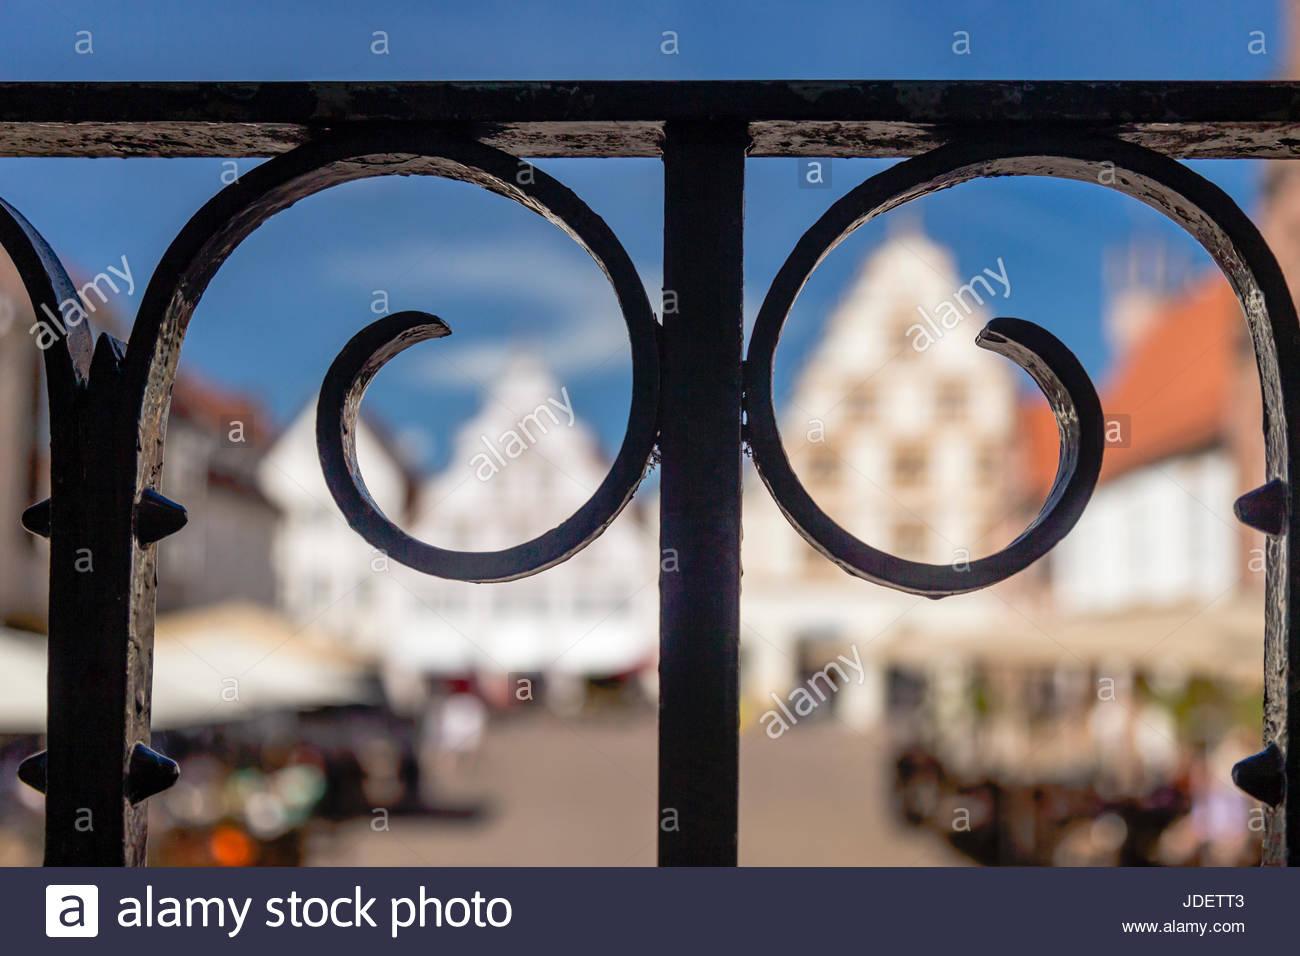 Lemgo Altstadt Zentrum Markt Square Verzierten Geländer Gestaltung